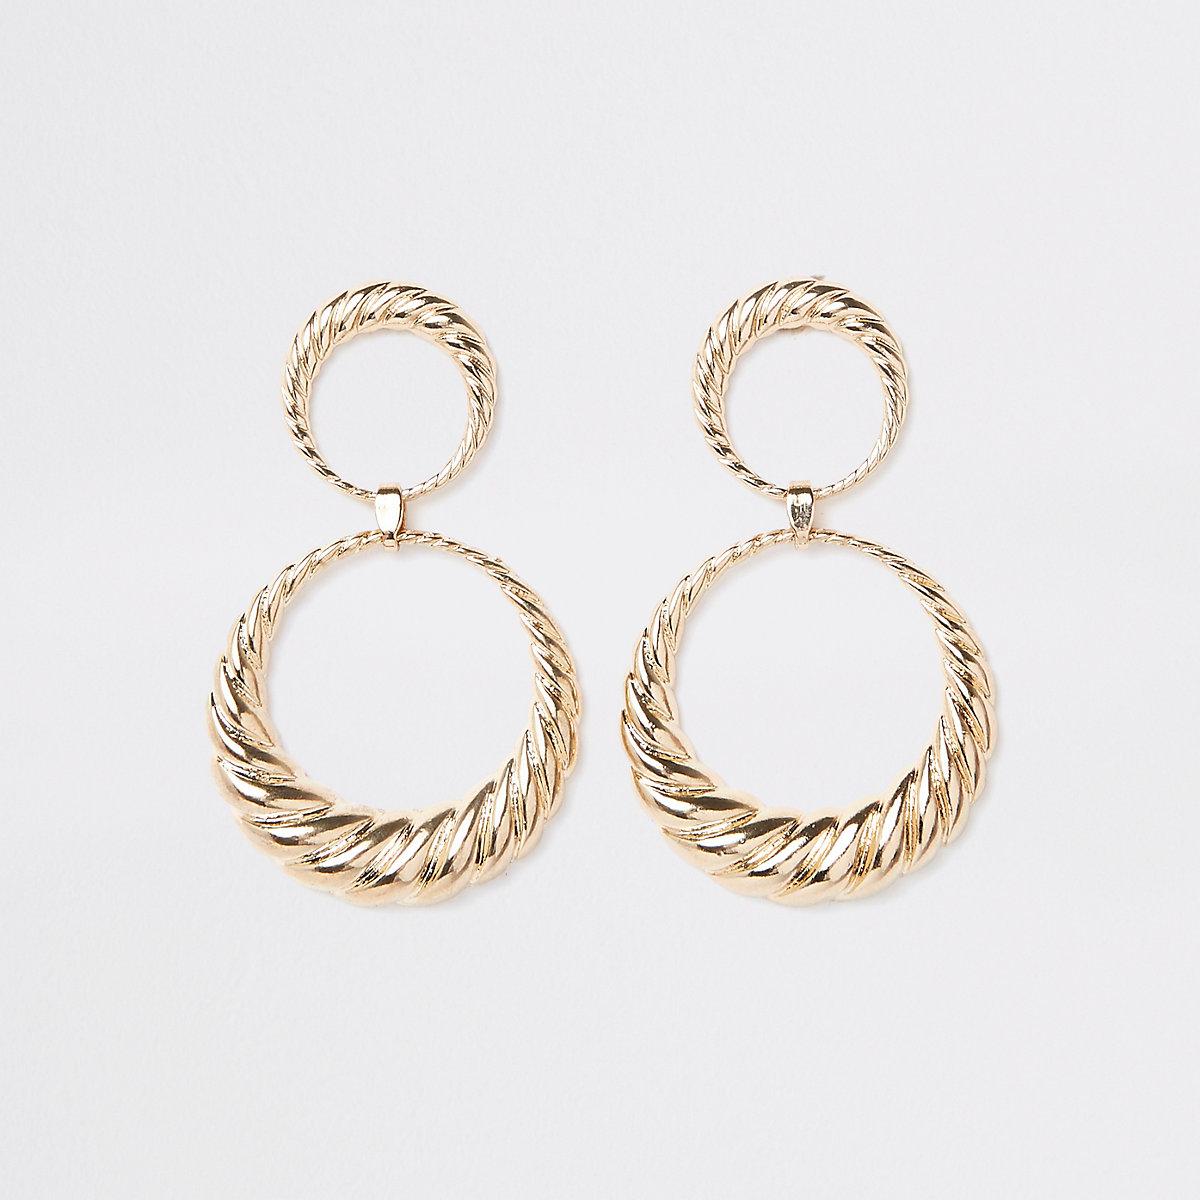 Gold tone double hoop twist drop earrings